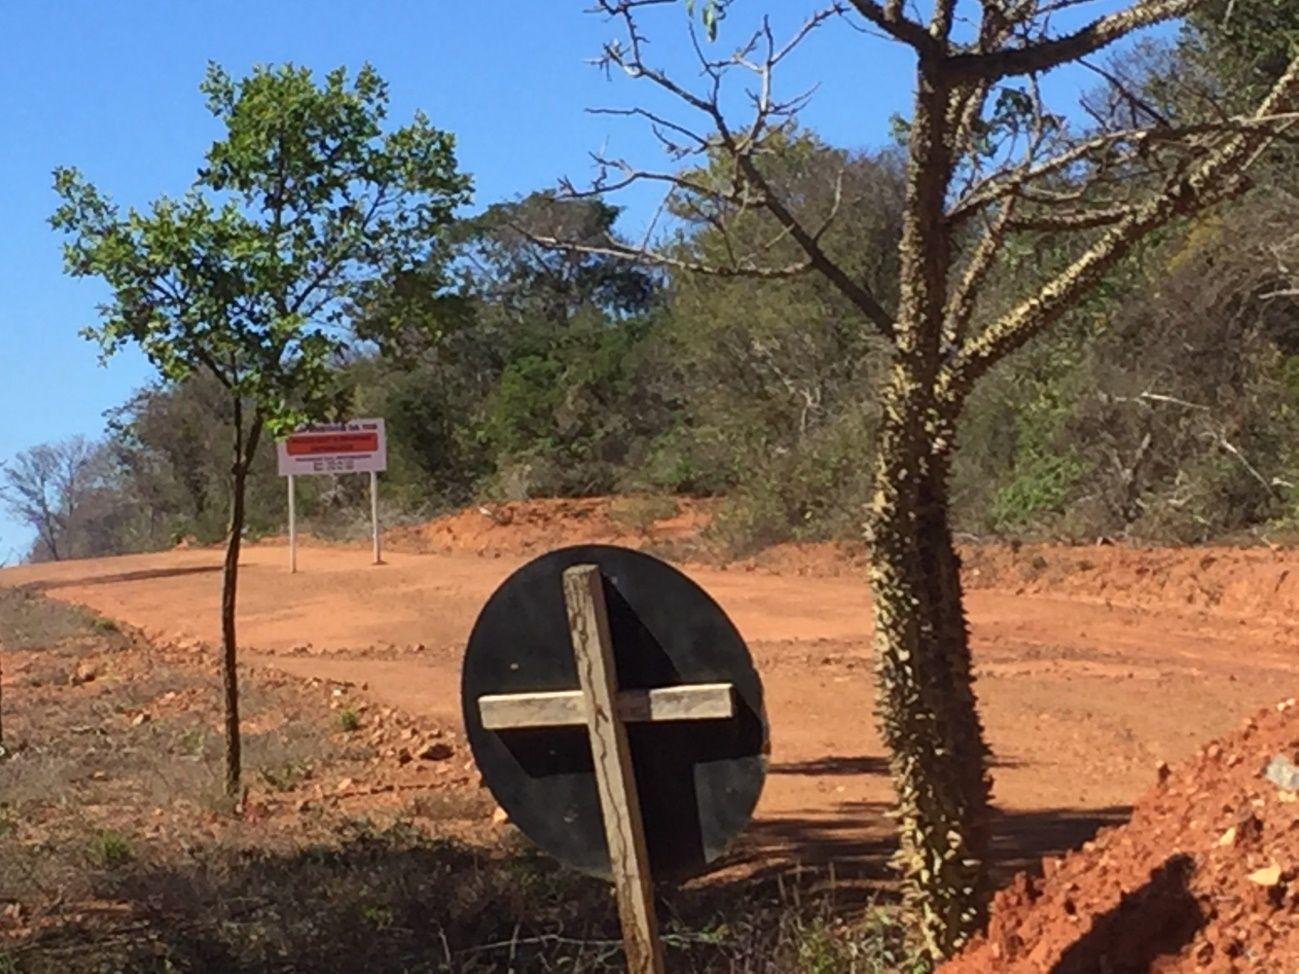 A estrada pública, antes usada por moradores e visitantes, hoje está ocupada pela INB para viabilizar a extração de nova jazida de urânio, impedindo o tráfego por aquela via